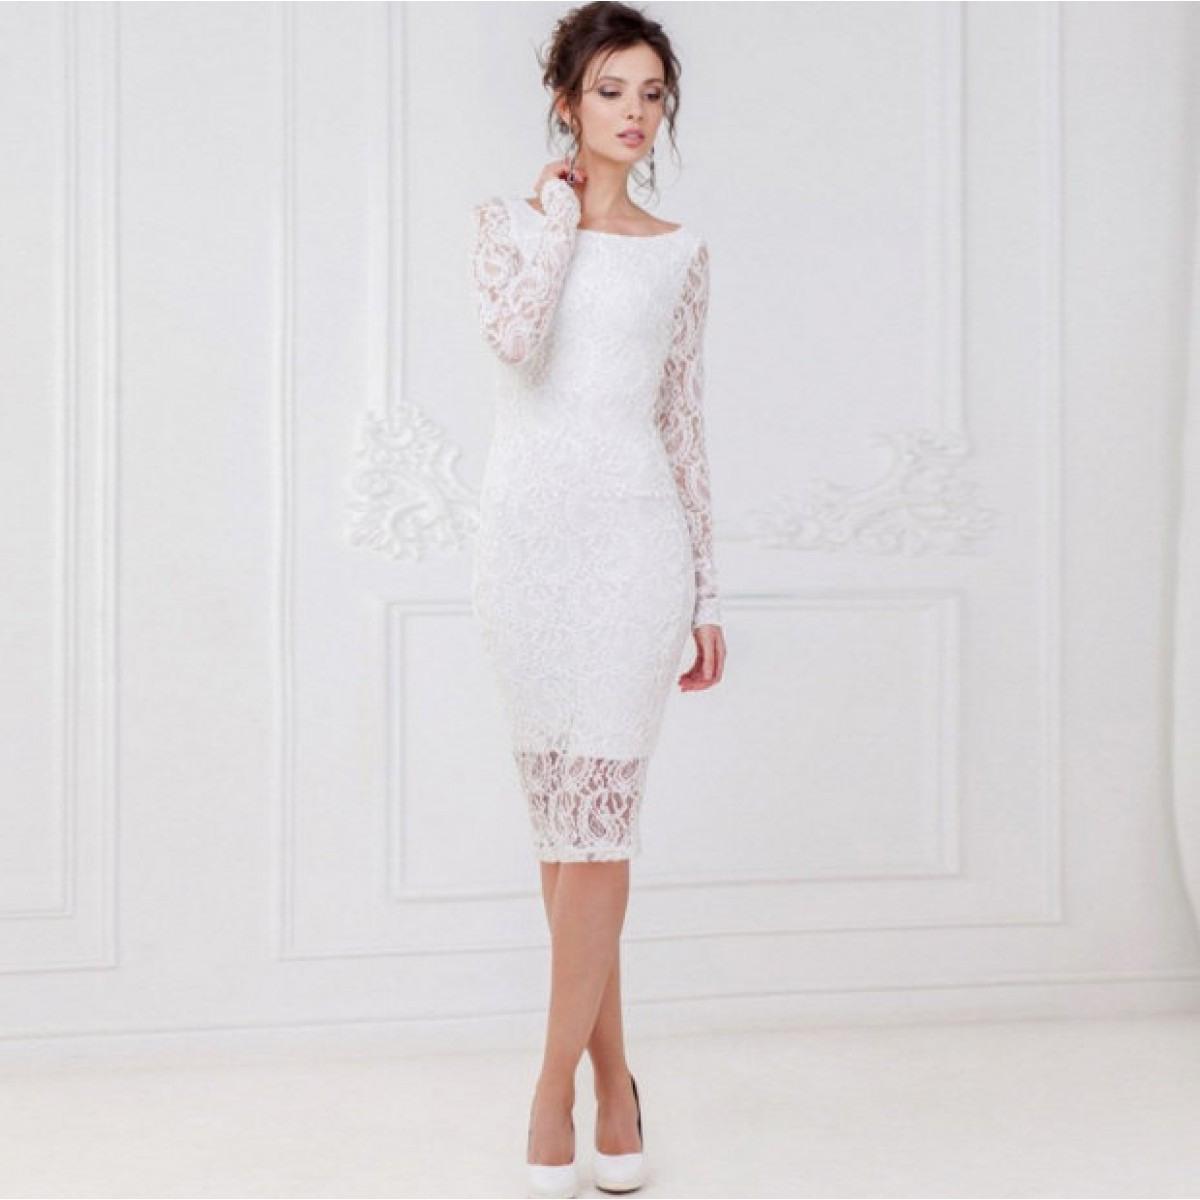 10 Schön Midi Kleider Hochzeitsgast Galerie - Abendkleid